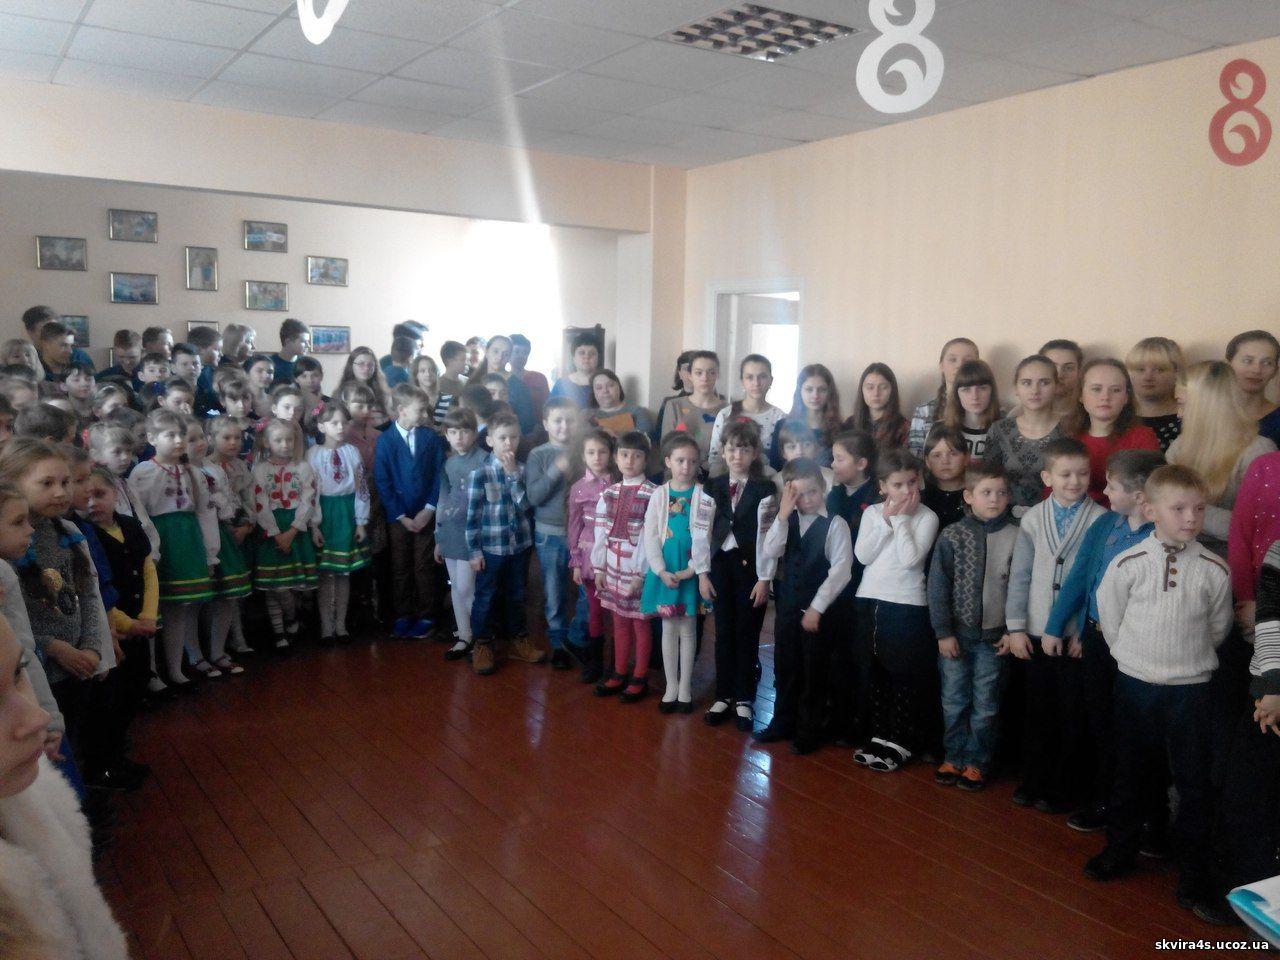 http://skvira4s.ucoz.ua/foto/08-03linijka/iXBwvW33Wy8.jpg